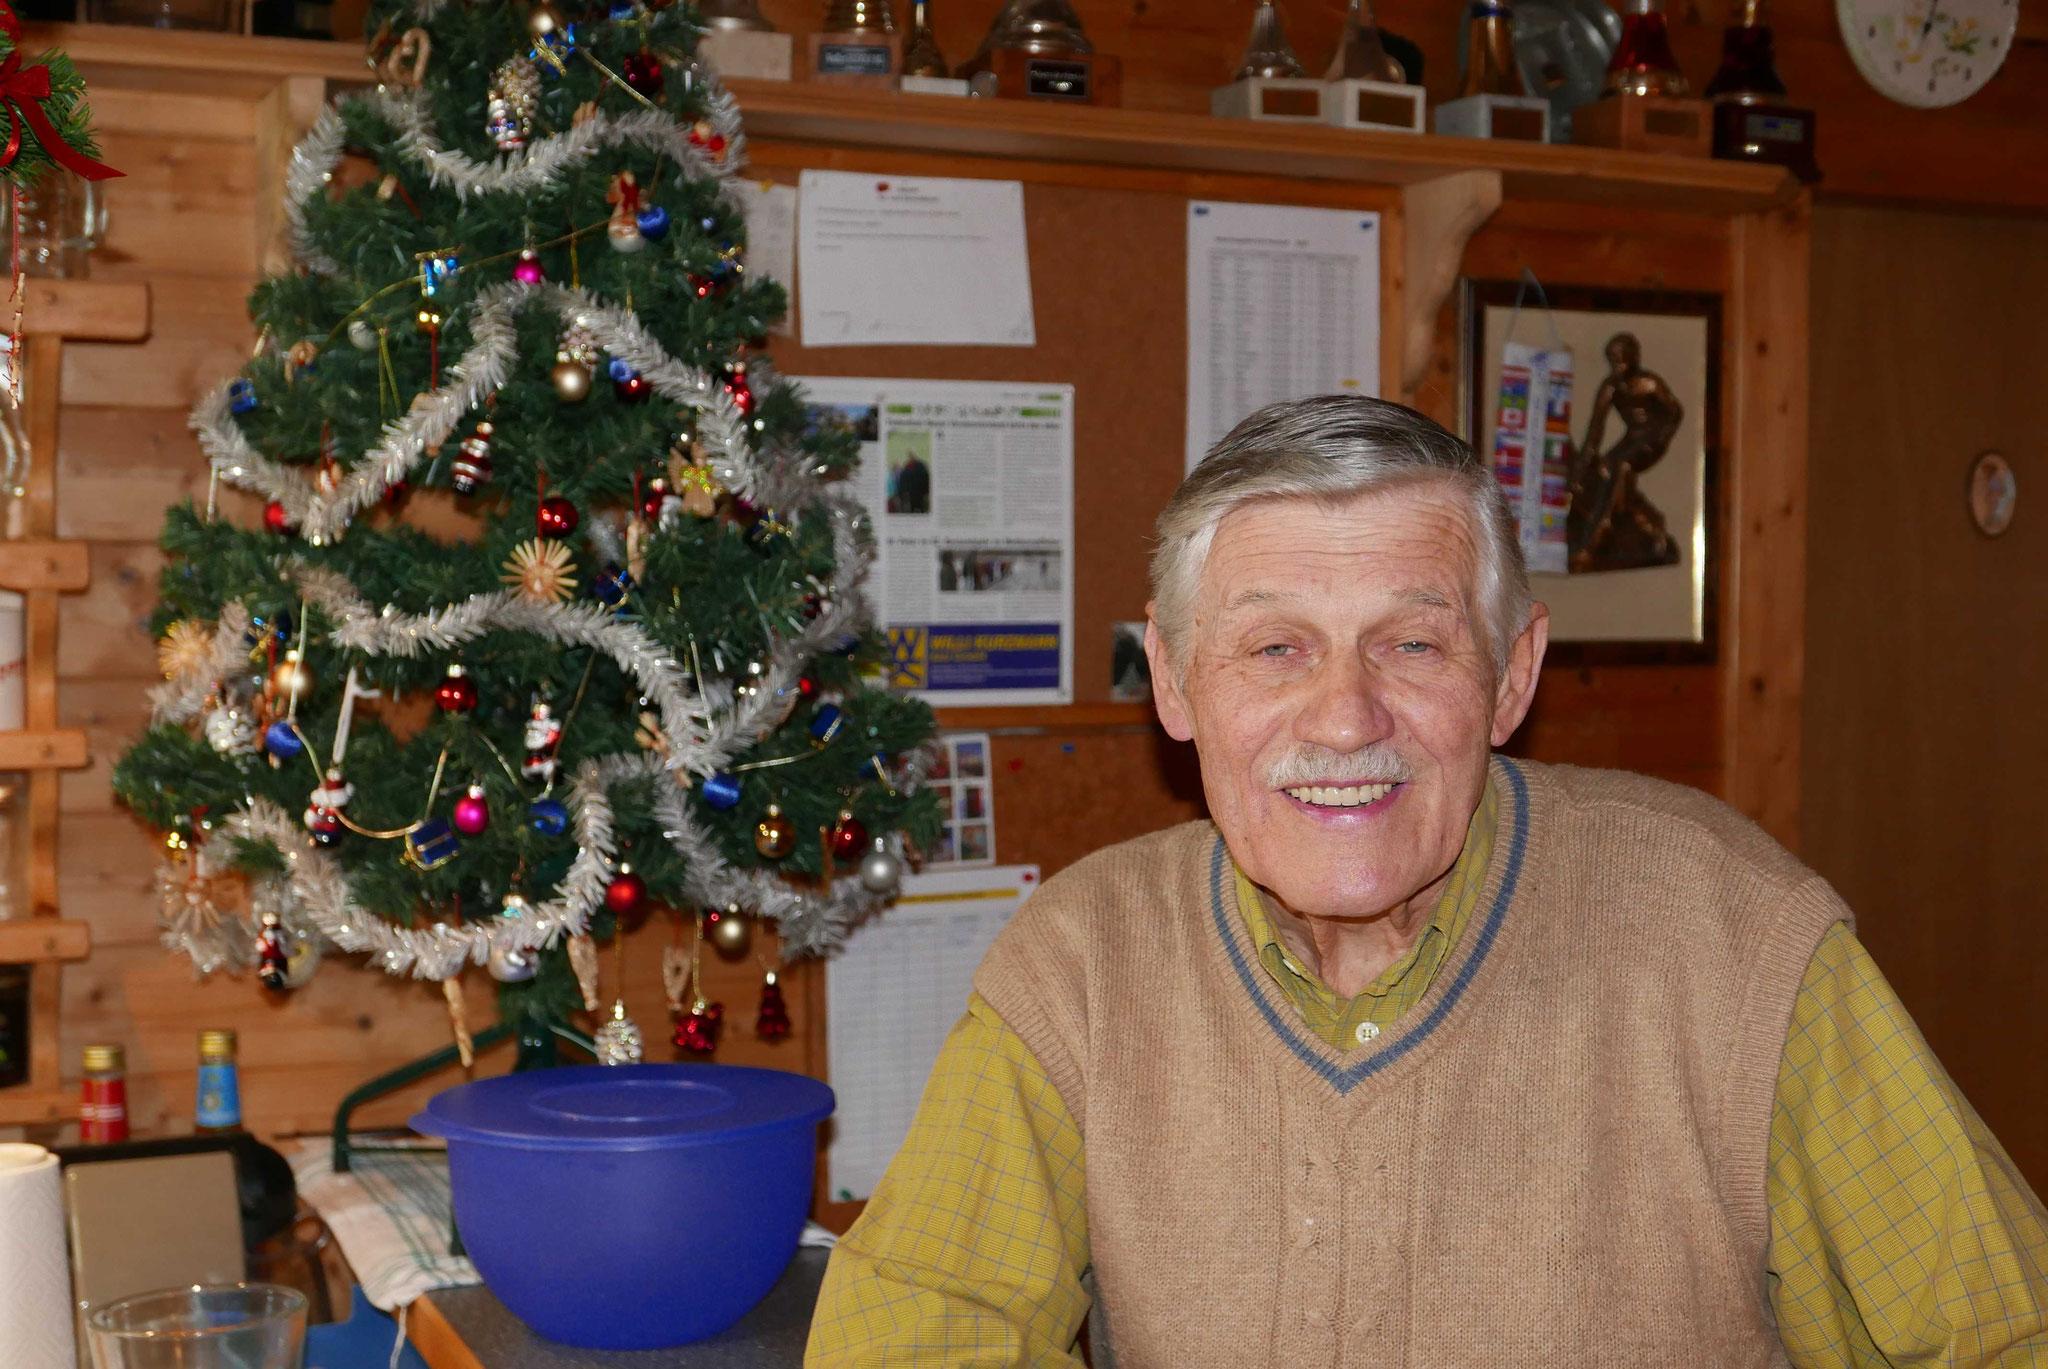 unser Ehrenobmann freut sich schon auf die Weihnachtsfeier